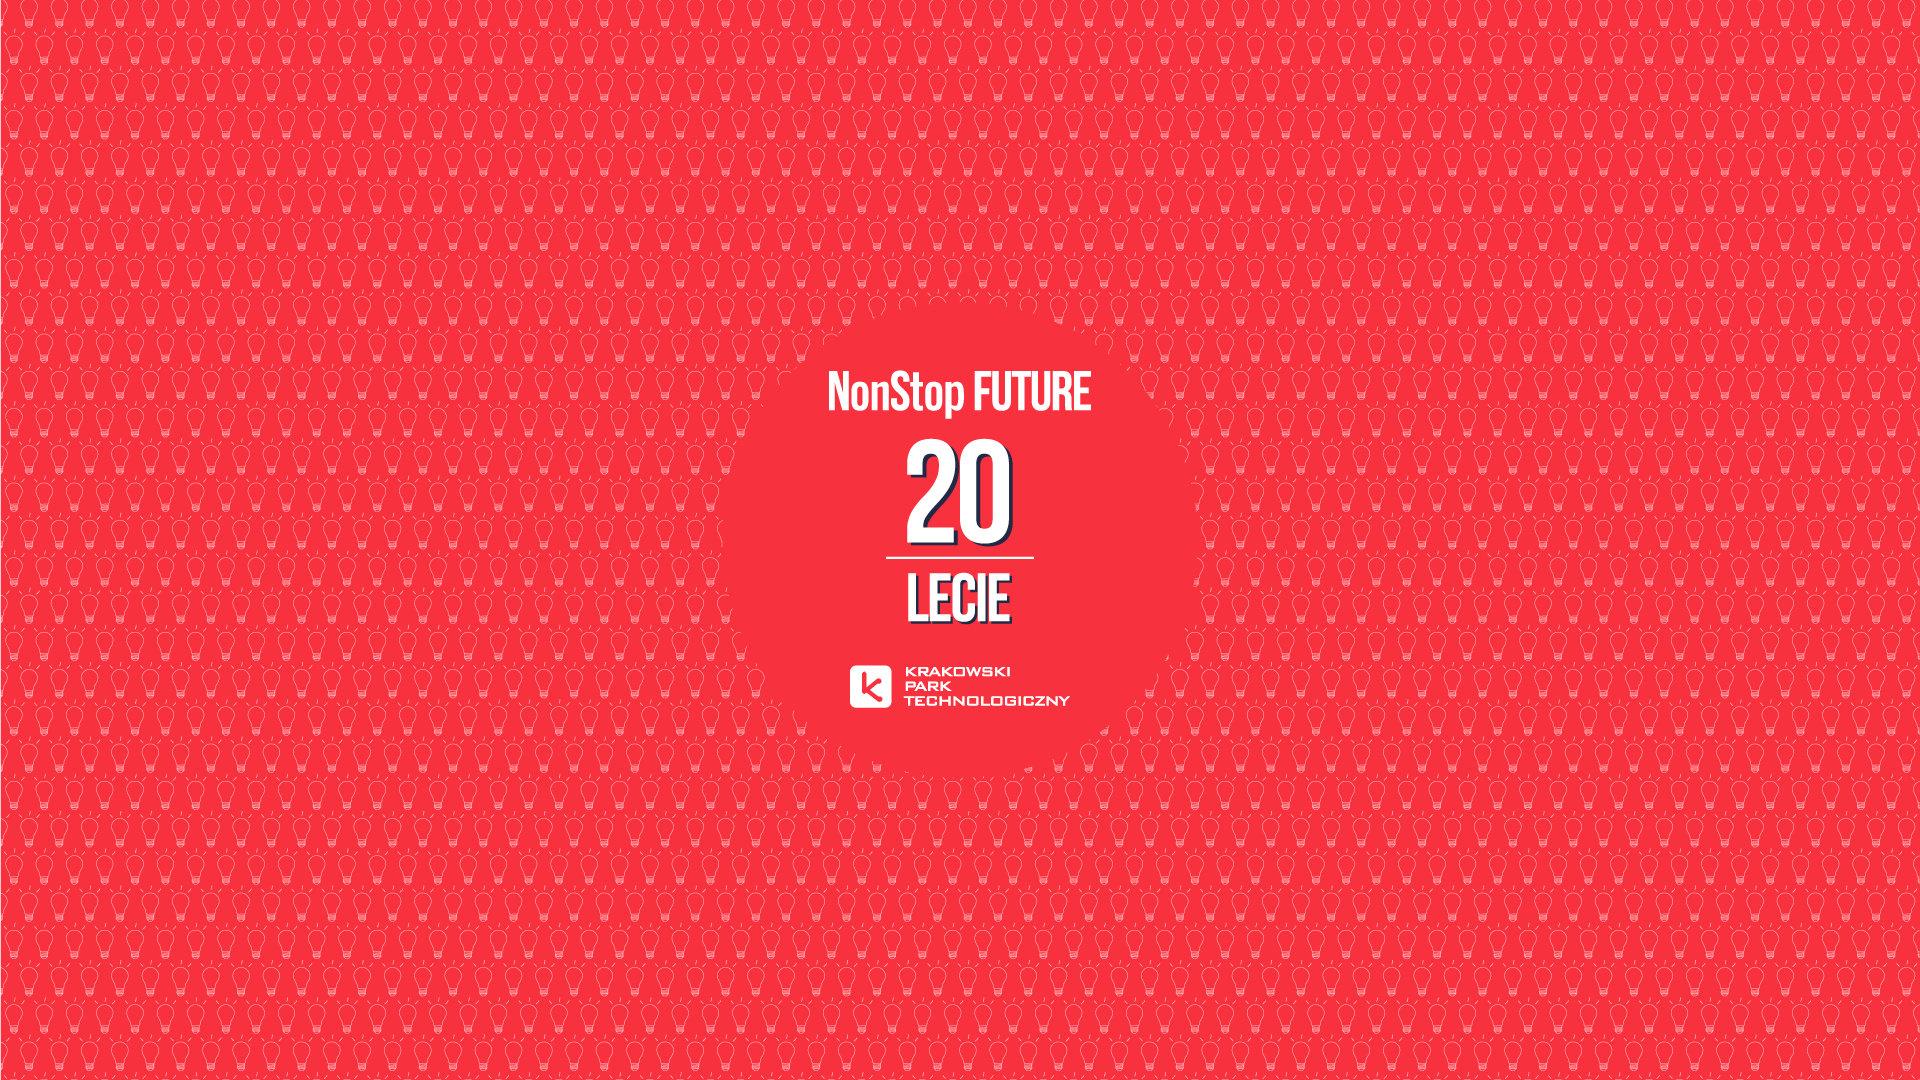 NonStop FUTURE - nasza odpowiedź na wyzwania jutra.